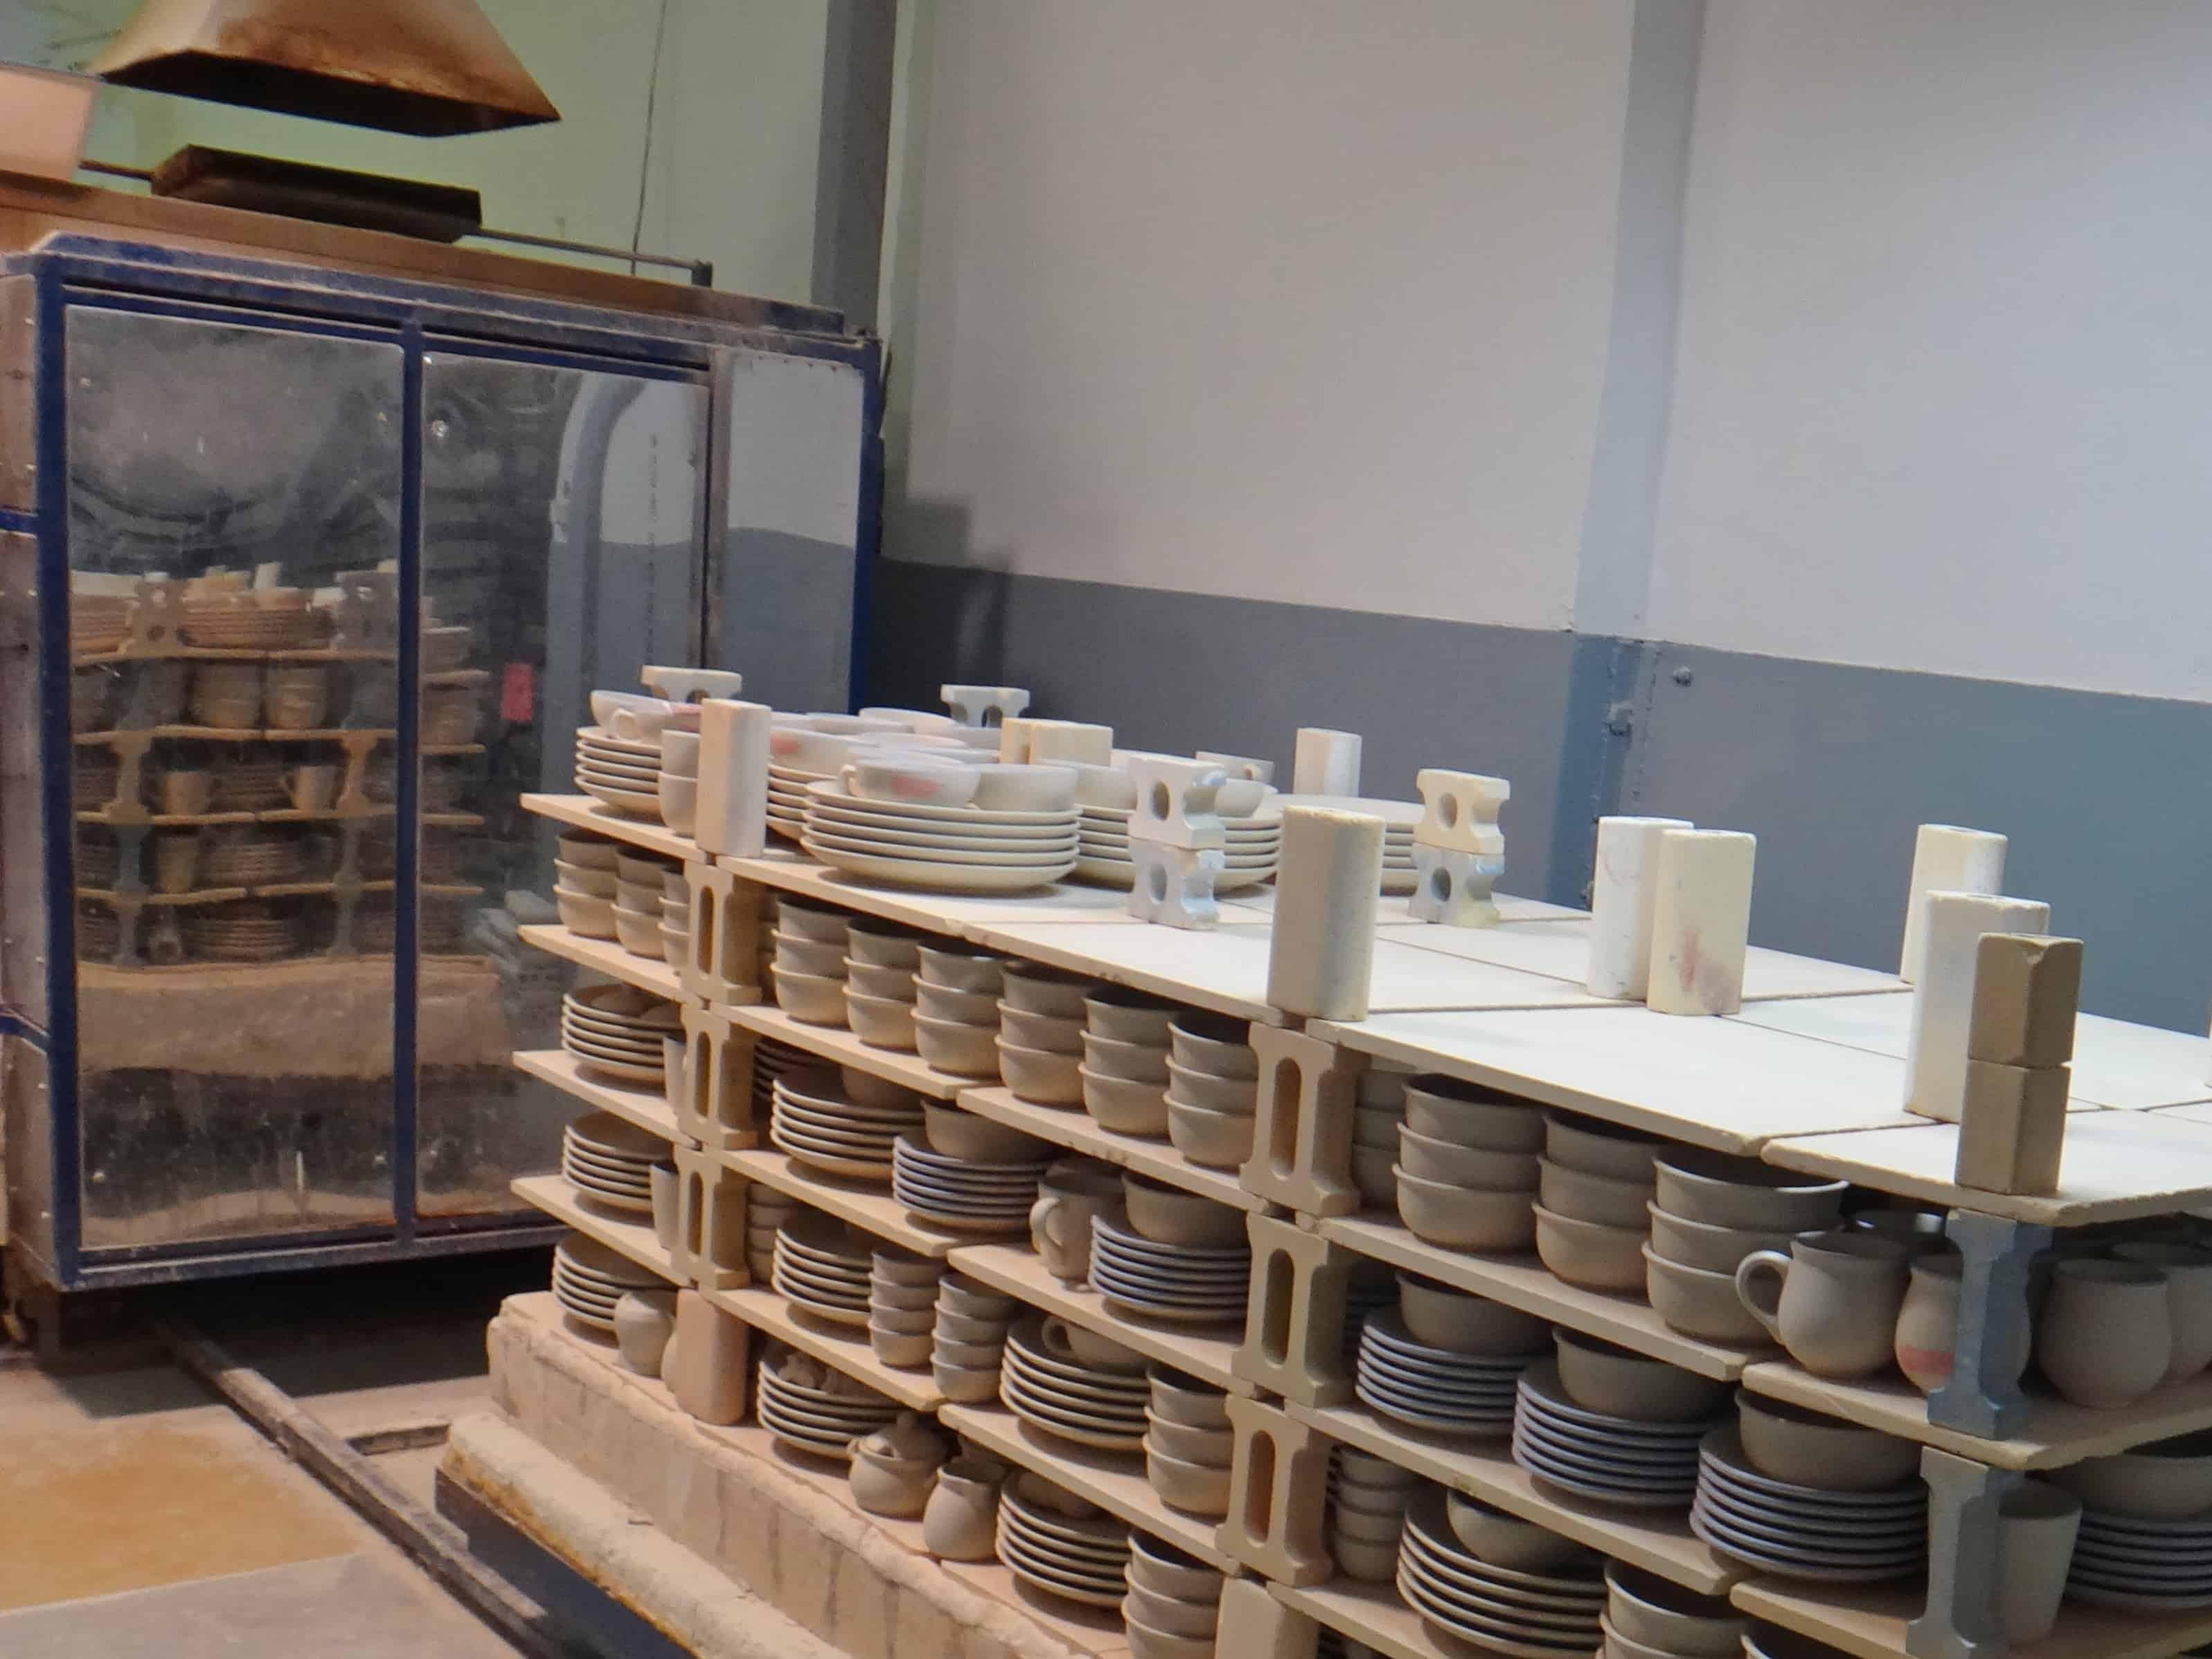 Żywe muzeum Ceramiki w Bolesławcu. Naczynia przygotowane do wypału.